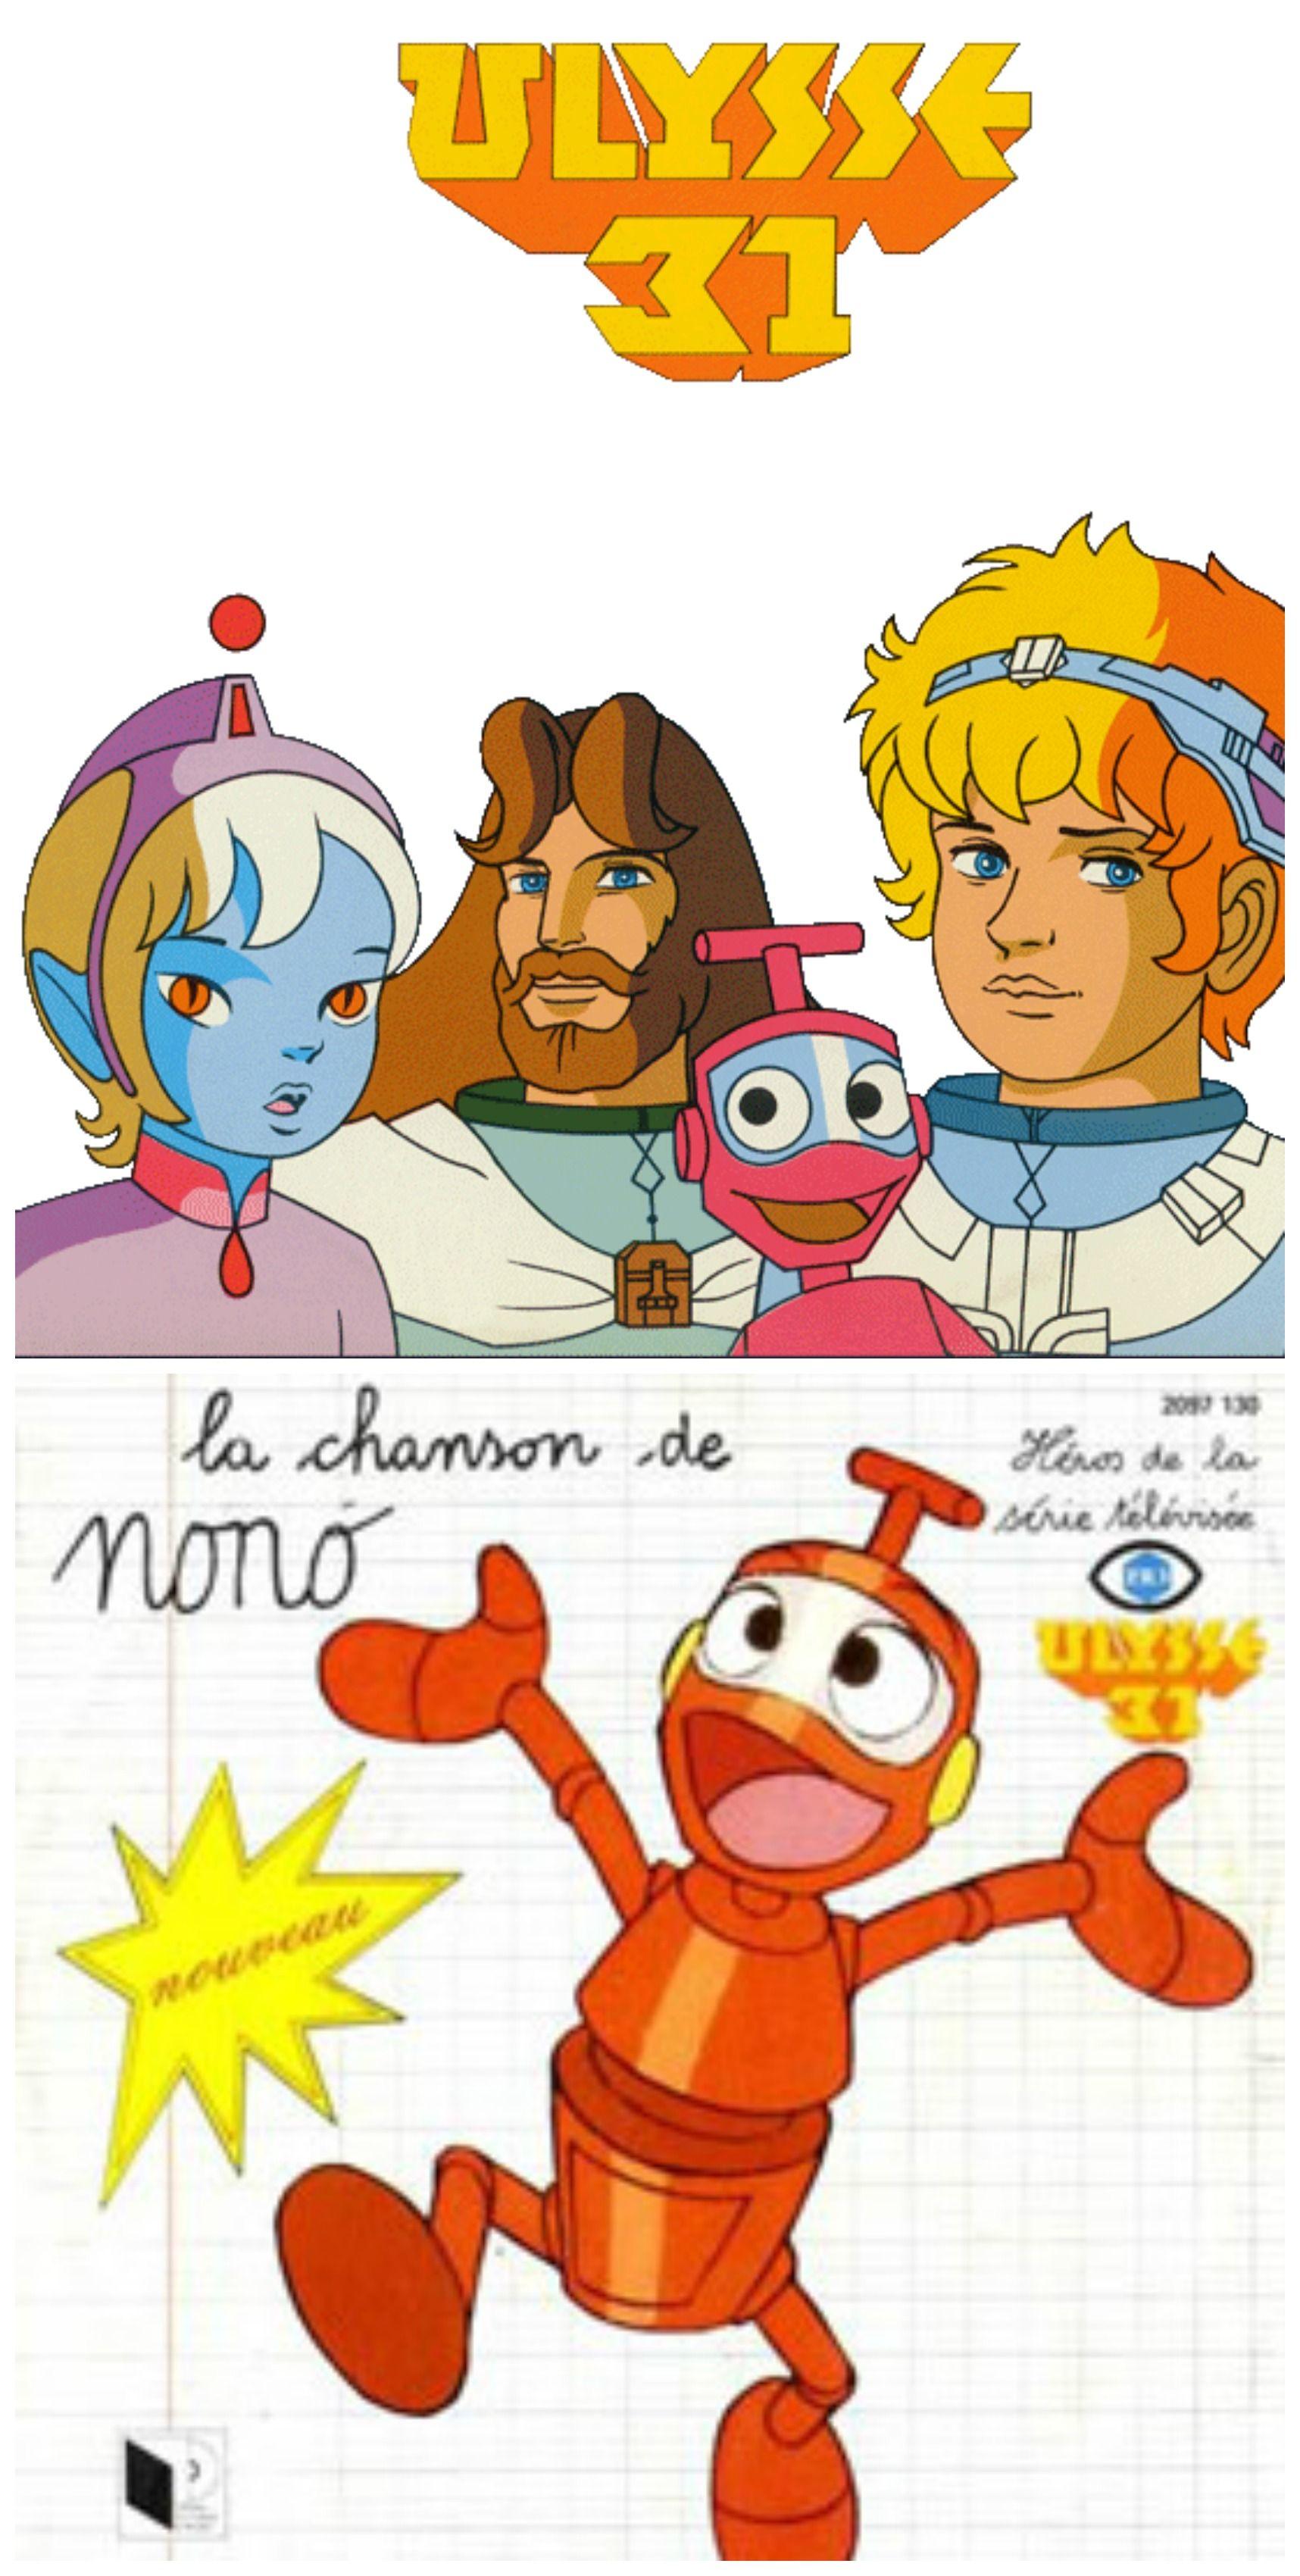 Epingle Par Sardine Sur Souvenirs Souvenirs Enfance Enfants Des Annees 80 Dessin Anime Enfance